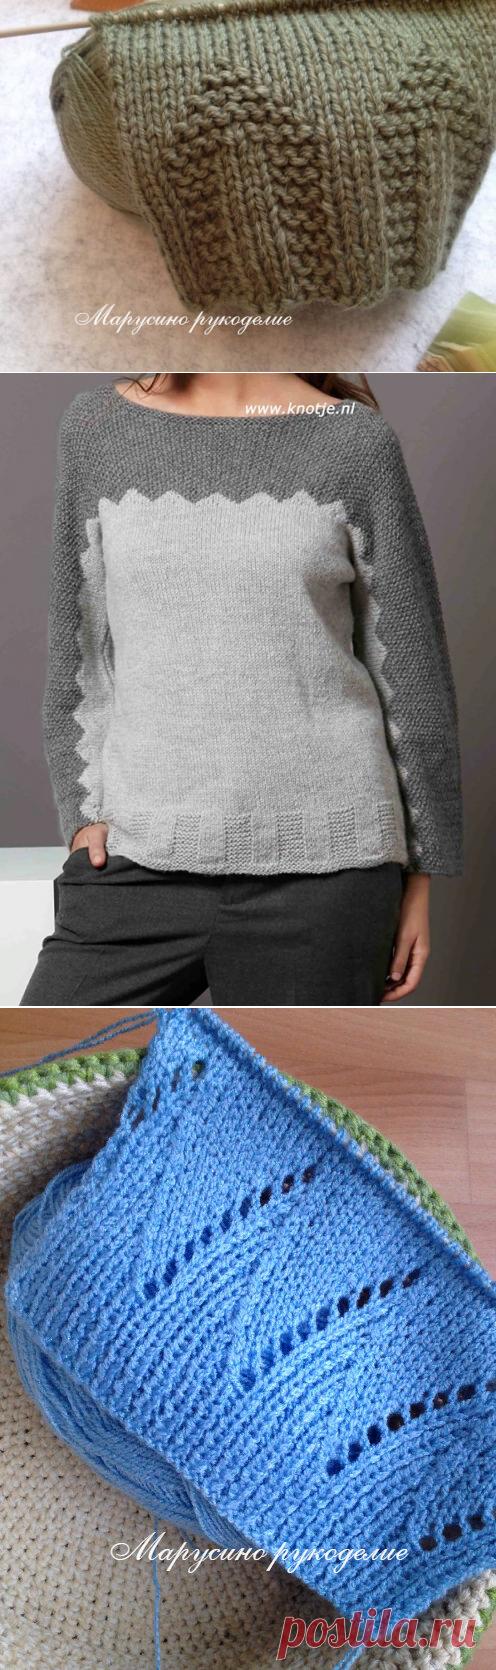 Необычная резинка для низа изделия и рукавов. Вязание спицами.   Марусино рукоделие   Яндекс Дзен